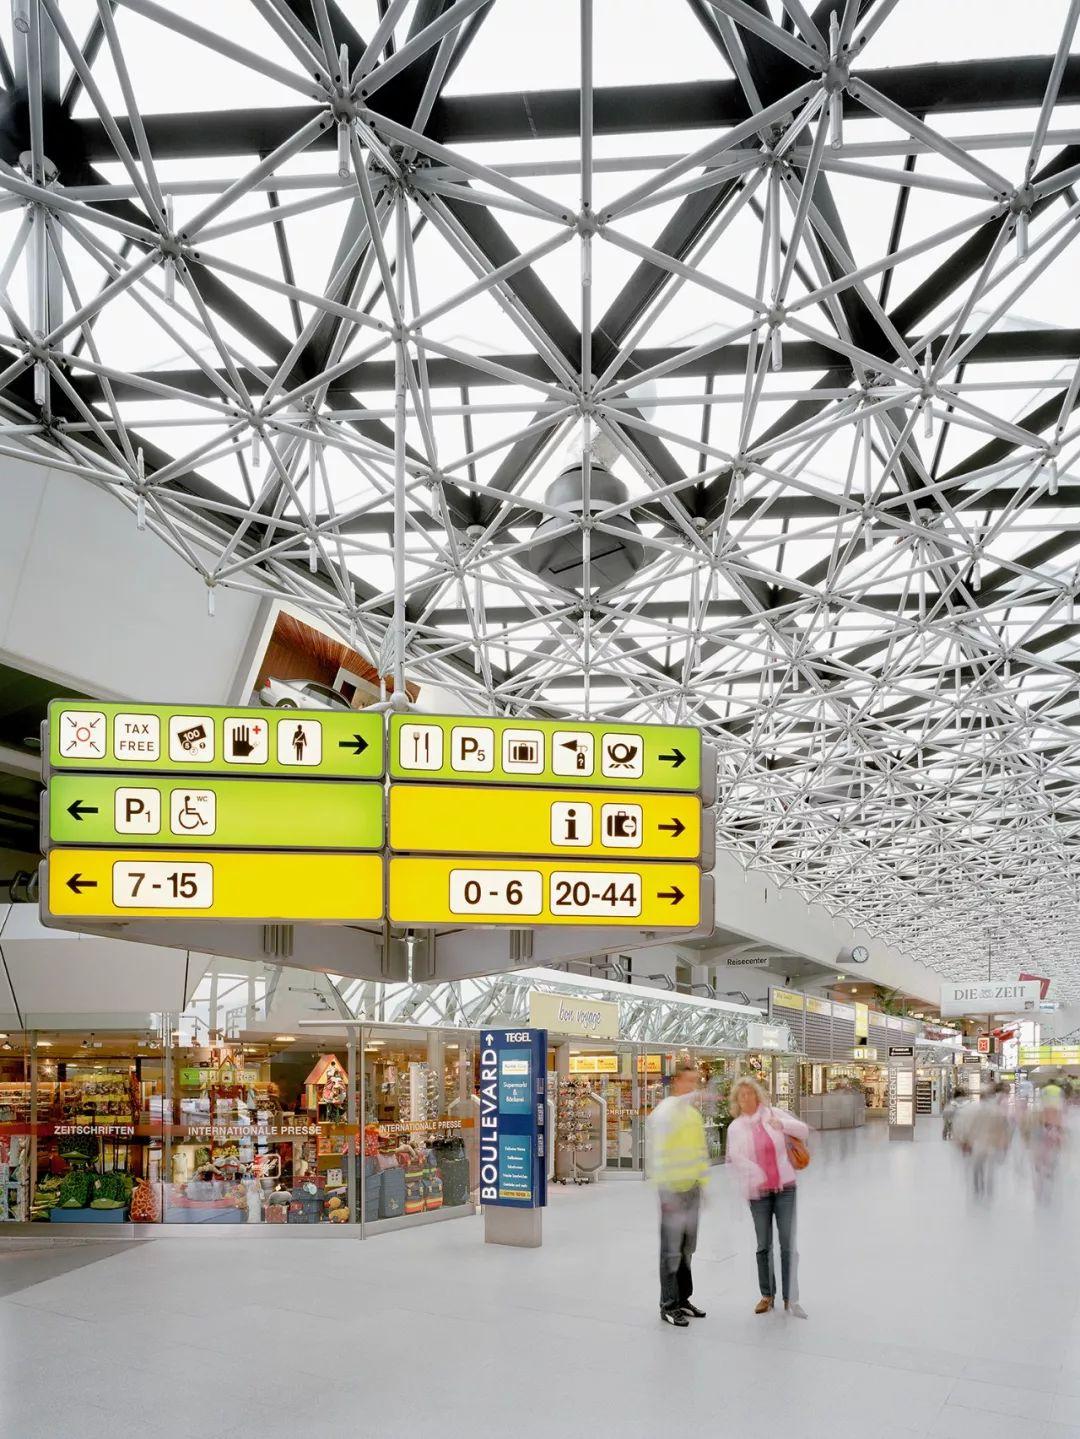 建筑遗产|柏林泰格尔机场列入文物保护建筑清单_12